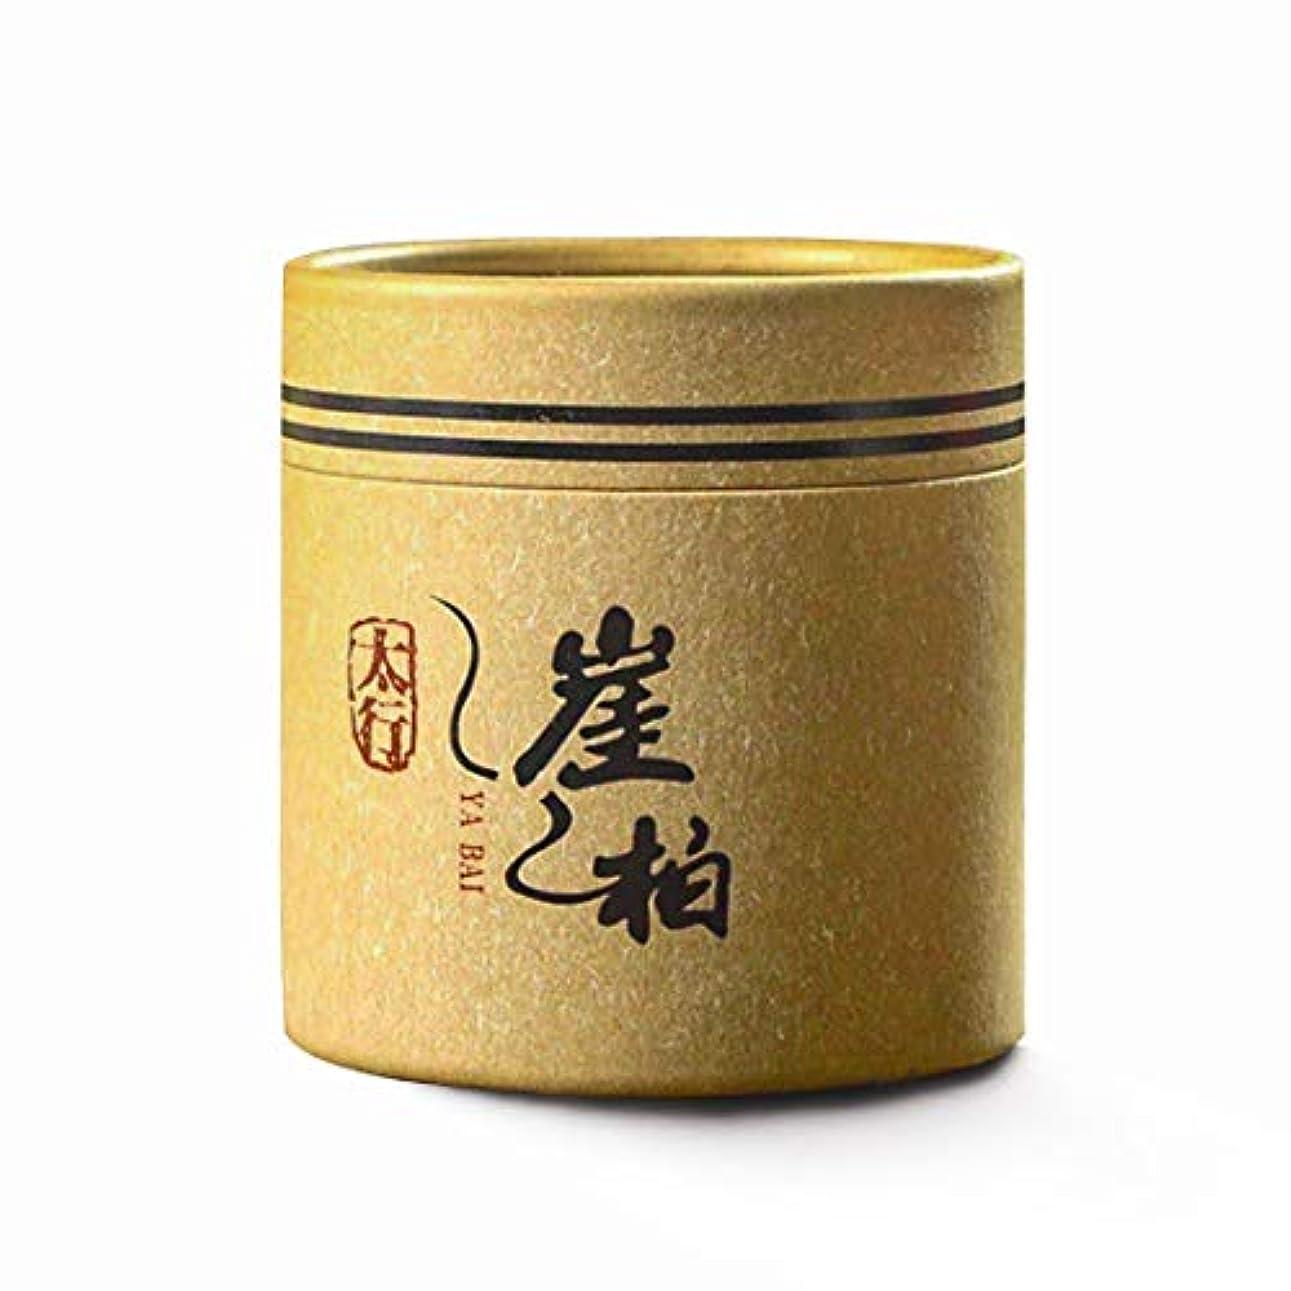 映画ご意見準備ができてHwagui お香 陈化崖柏 優しい香り 渦巻き線香 4時間盤香 48巻入